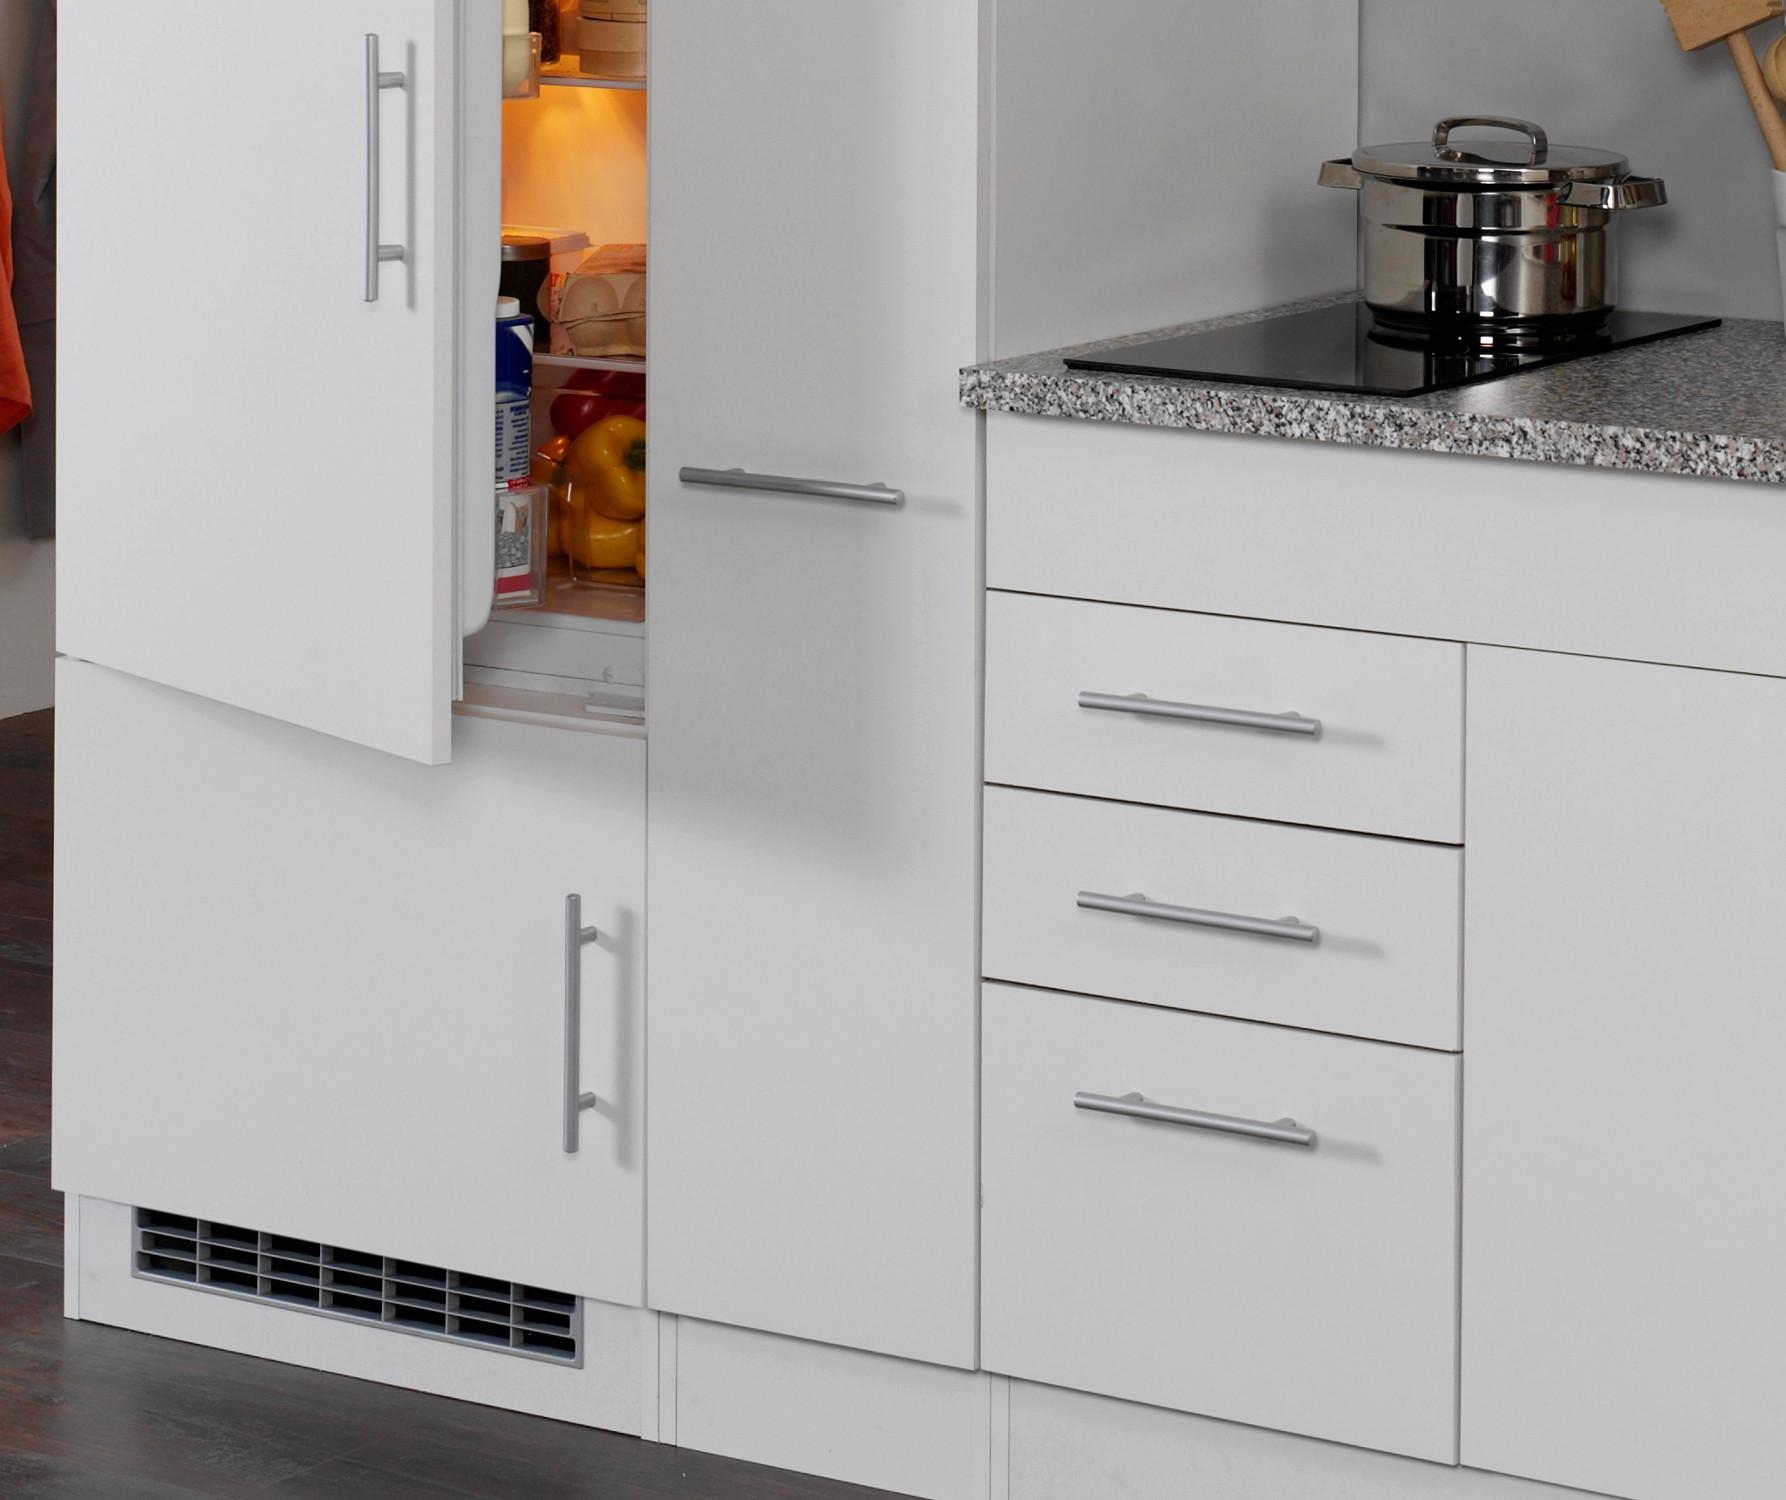 neu singlek che berlin mit k hlschrank und glaskeramikkochfeld 210cm wei ebay. Black Bedroom Furniture Sets. Home Design Ideas